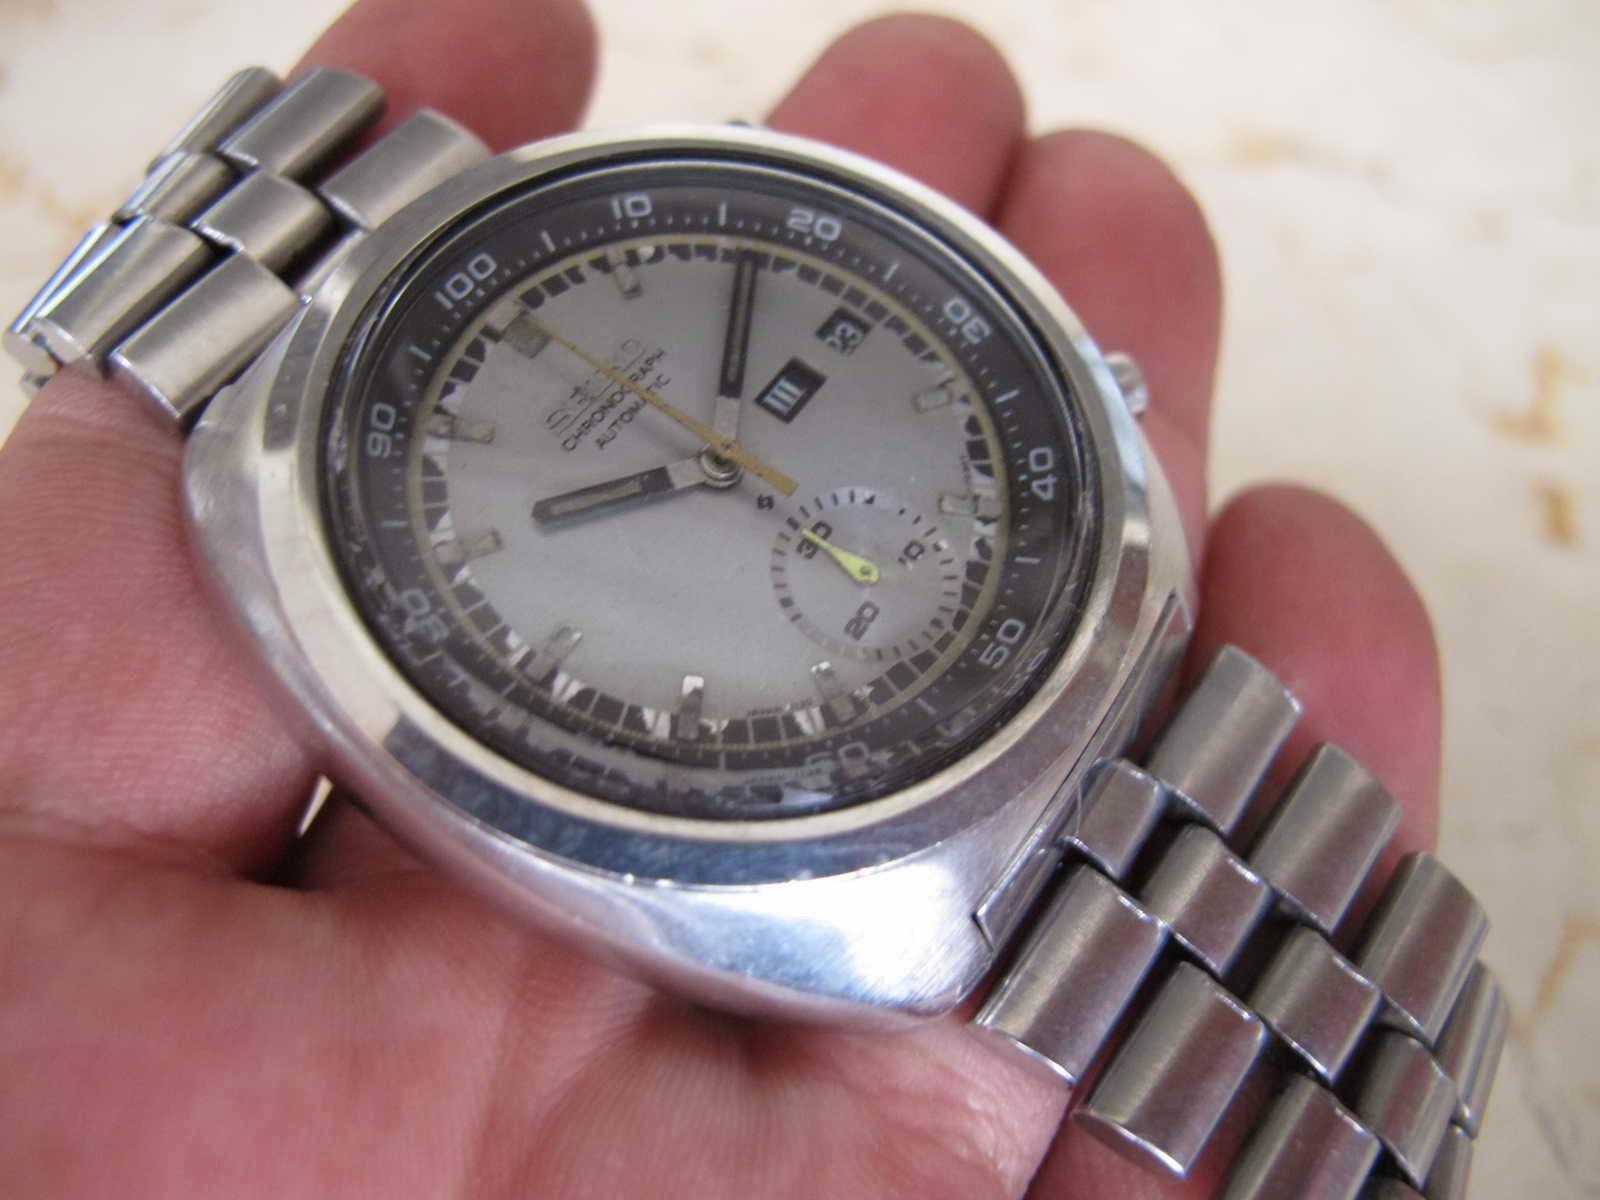 jam legendaris Seiko Chronograph dengan sebutan JENGKOL ini dengan kondisi